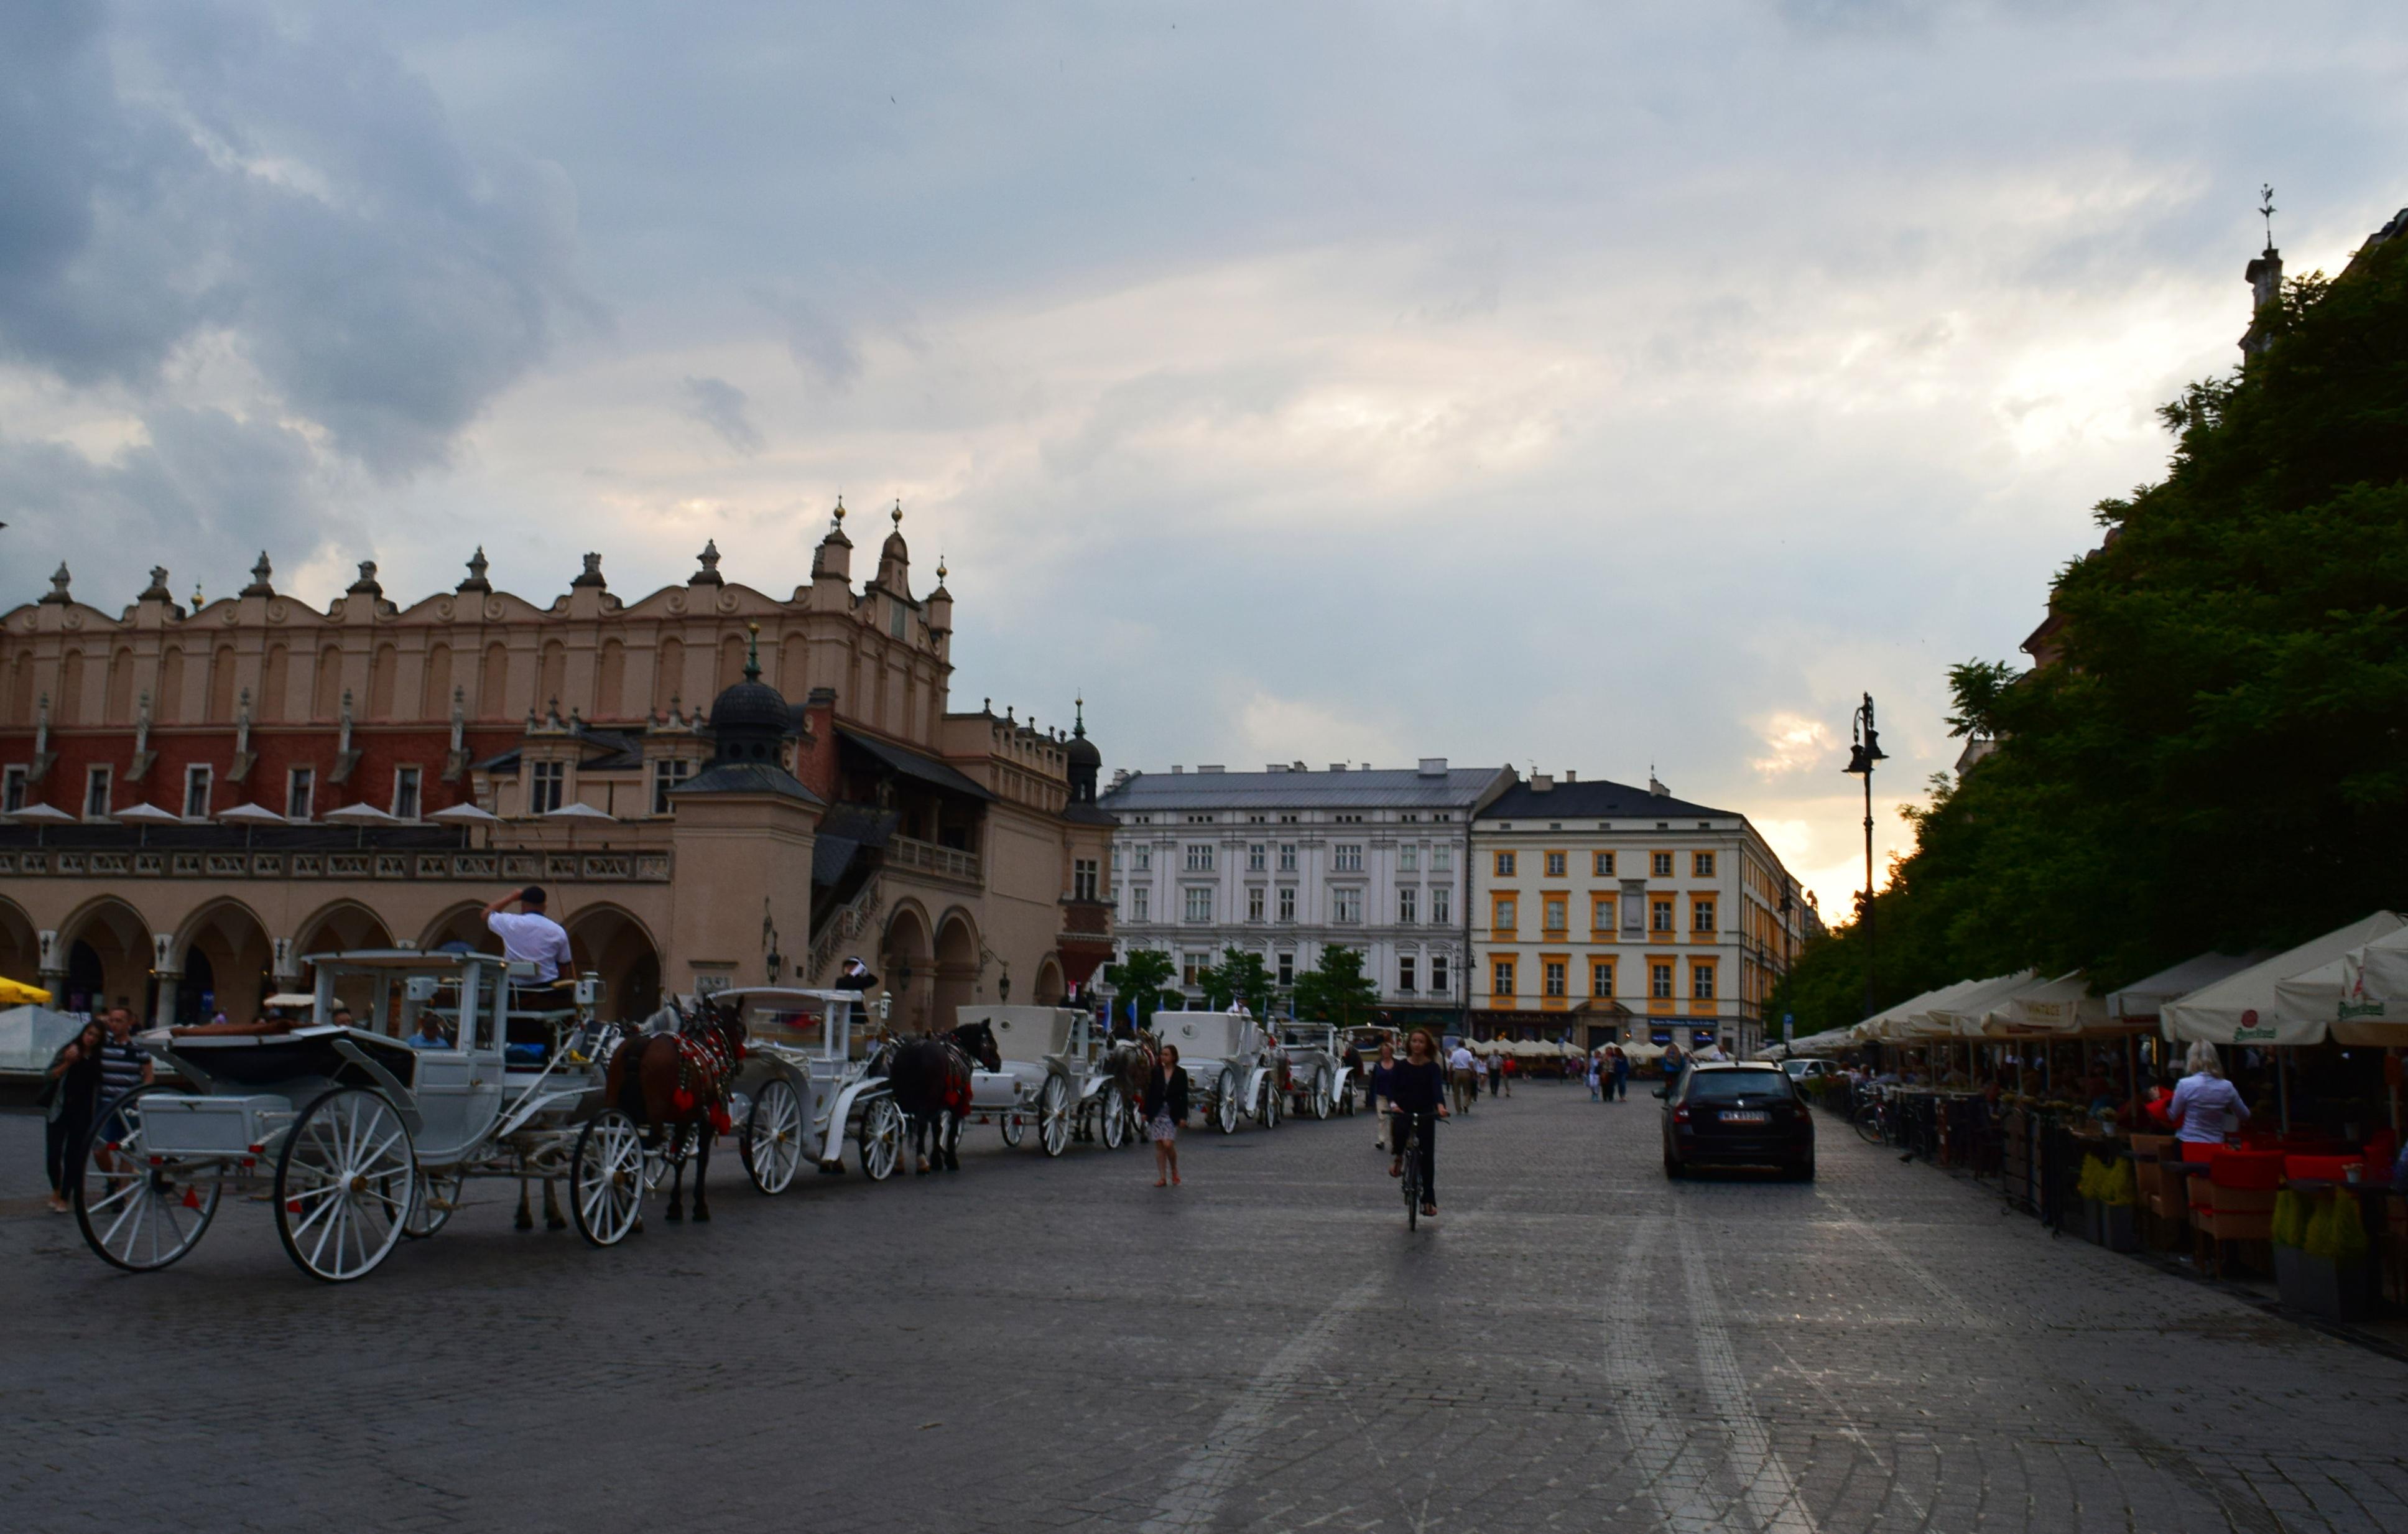 Из Краснодара в красивую Европу: 53 дня, 70 городов и пляжный отдых в потрясающей Италии. Апрель-Май-Июнь 2017.